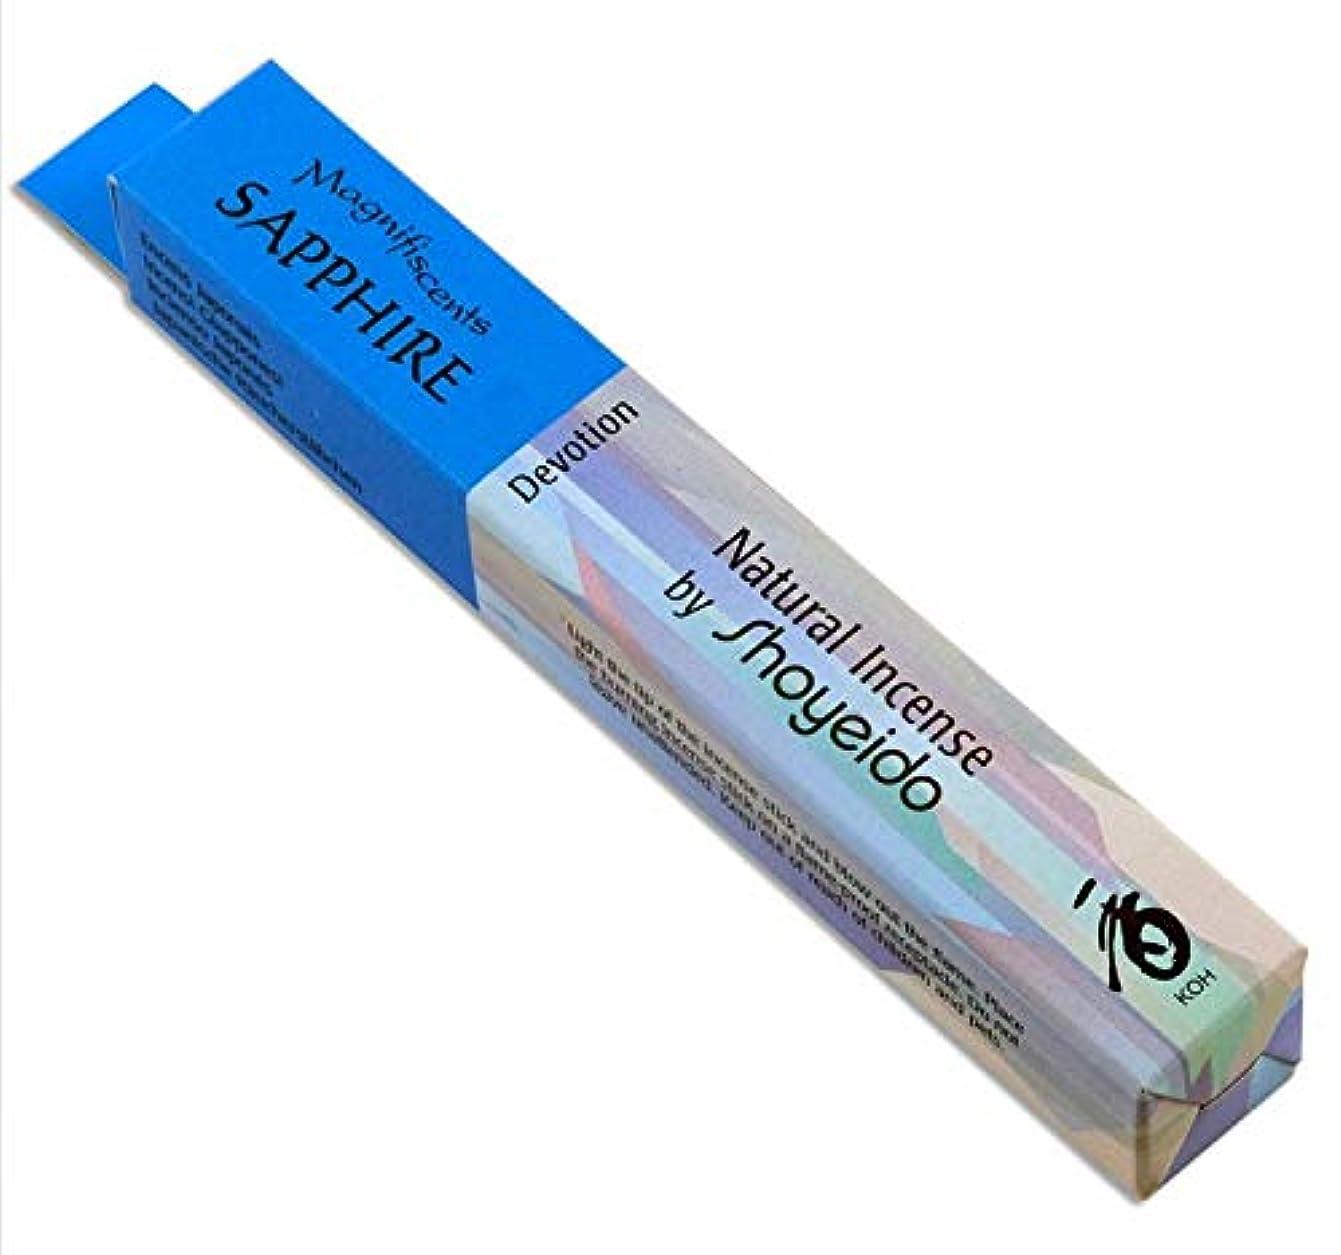 吸うジレンマ繁殖Shoyeido's Sapphire Incense, 30 sticks by SHOYEIDO